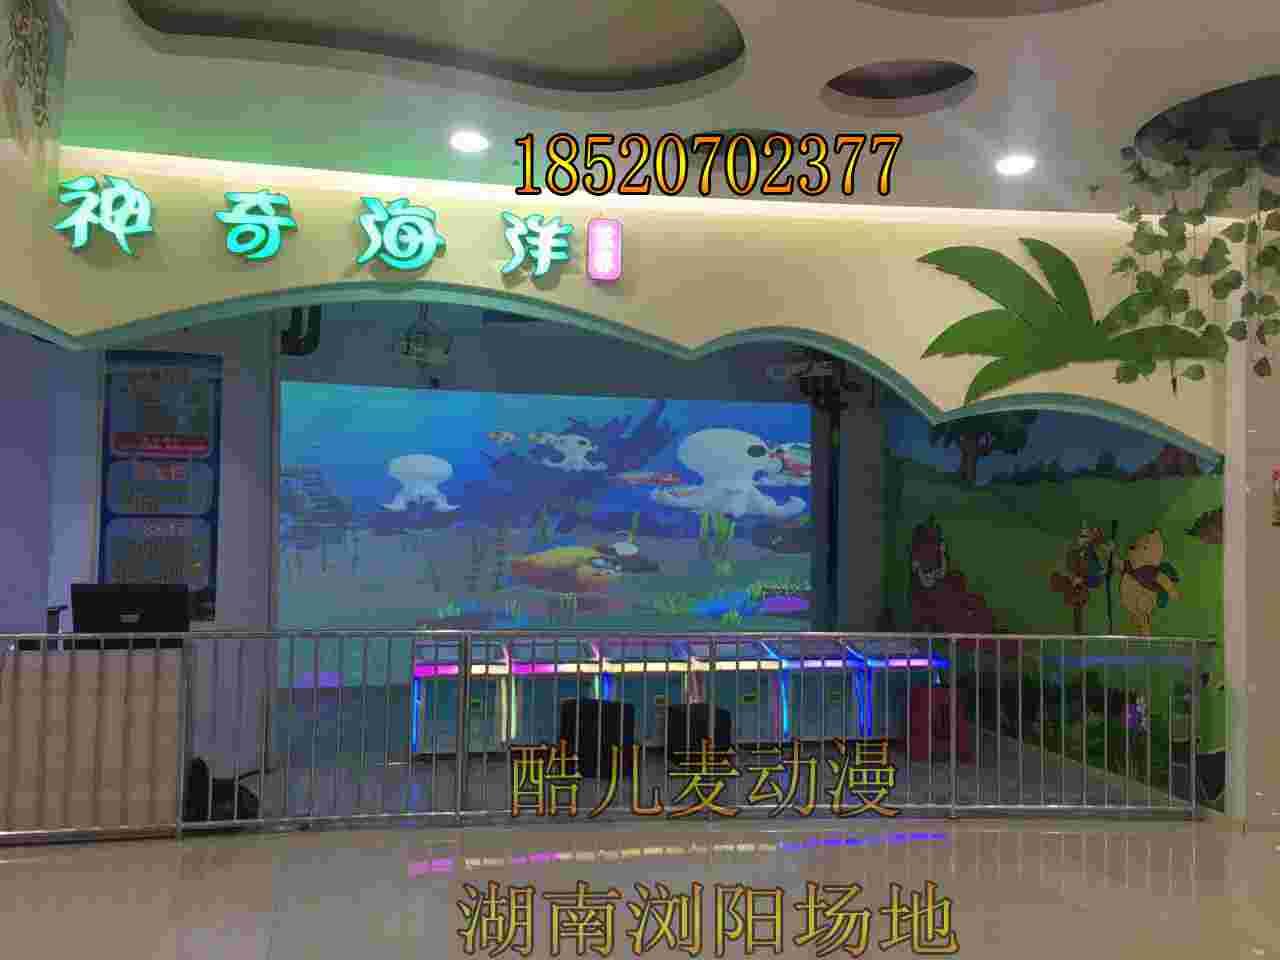 儿童益智类投影,哪里有销售价格合理的互动水族馆投影游乐设备